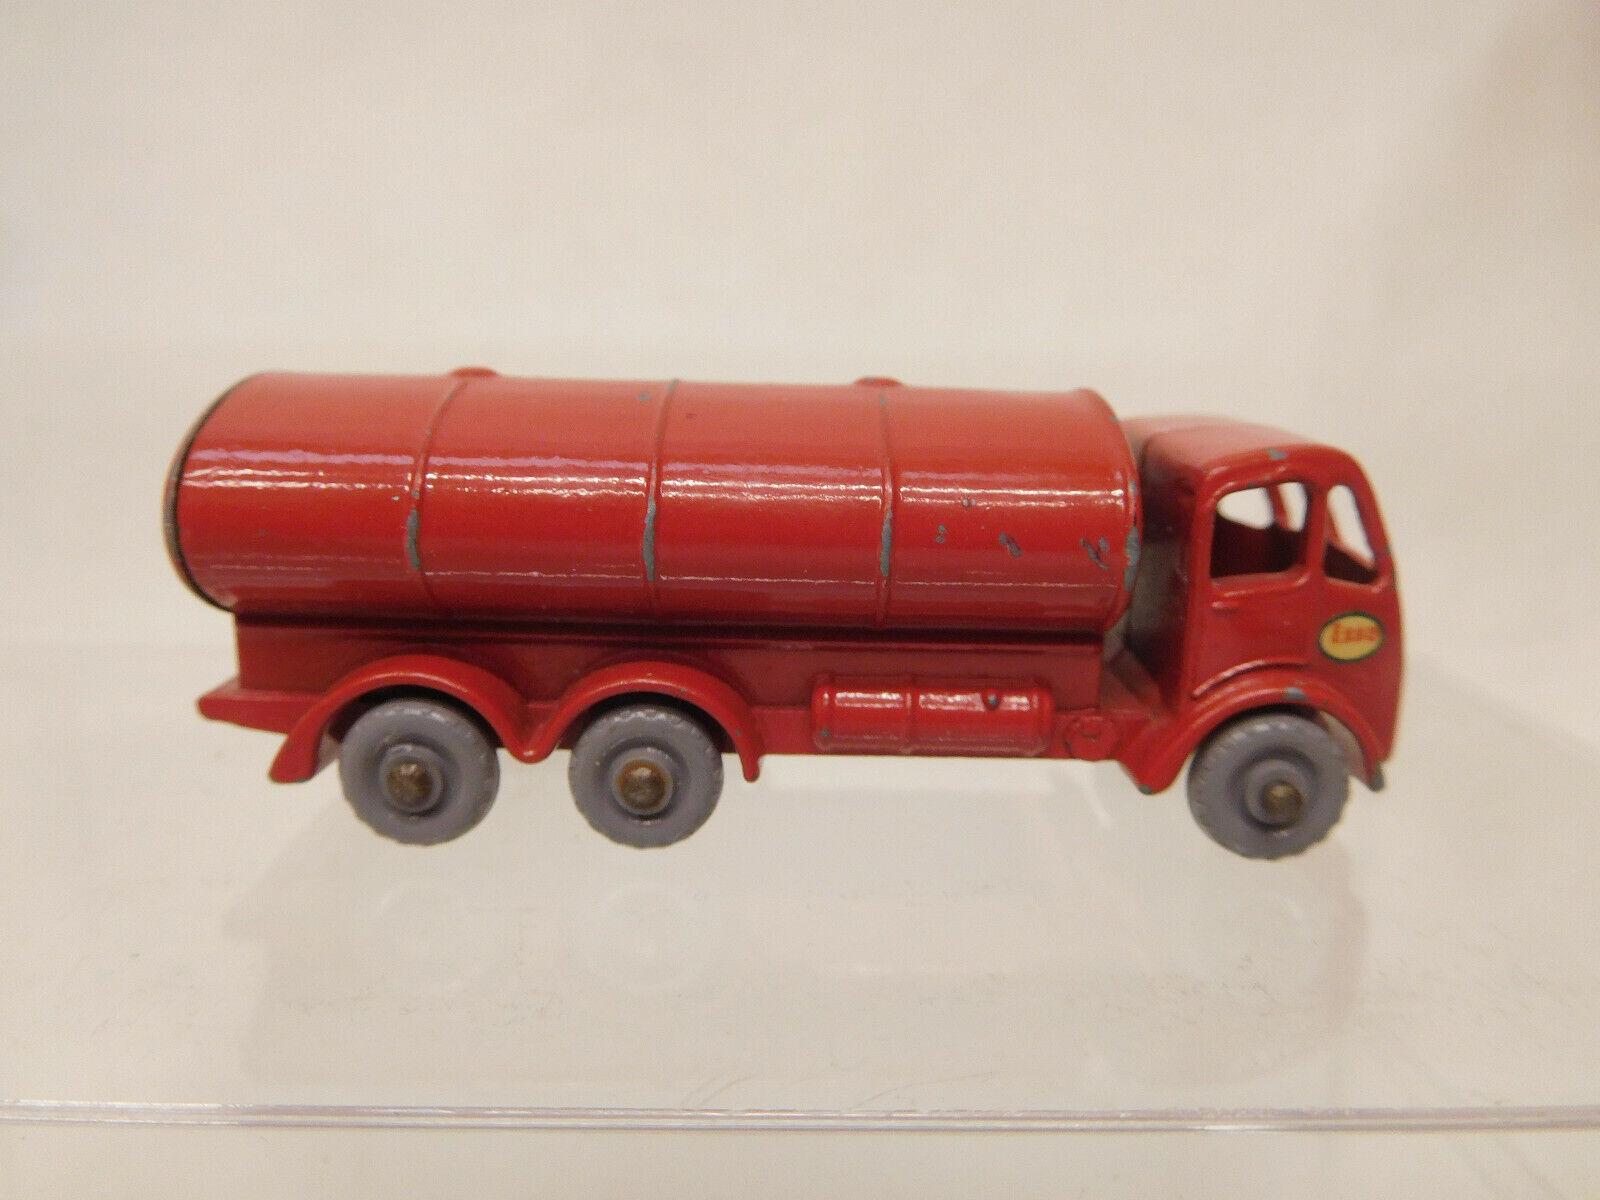 tienda en linea X-64312 Matchbox regular Wheels nº 11b ERF petrol petrolero petrolero petrolero  toma